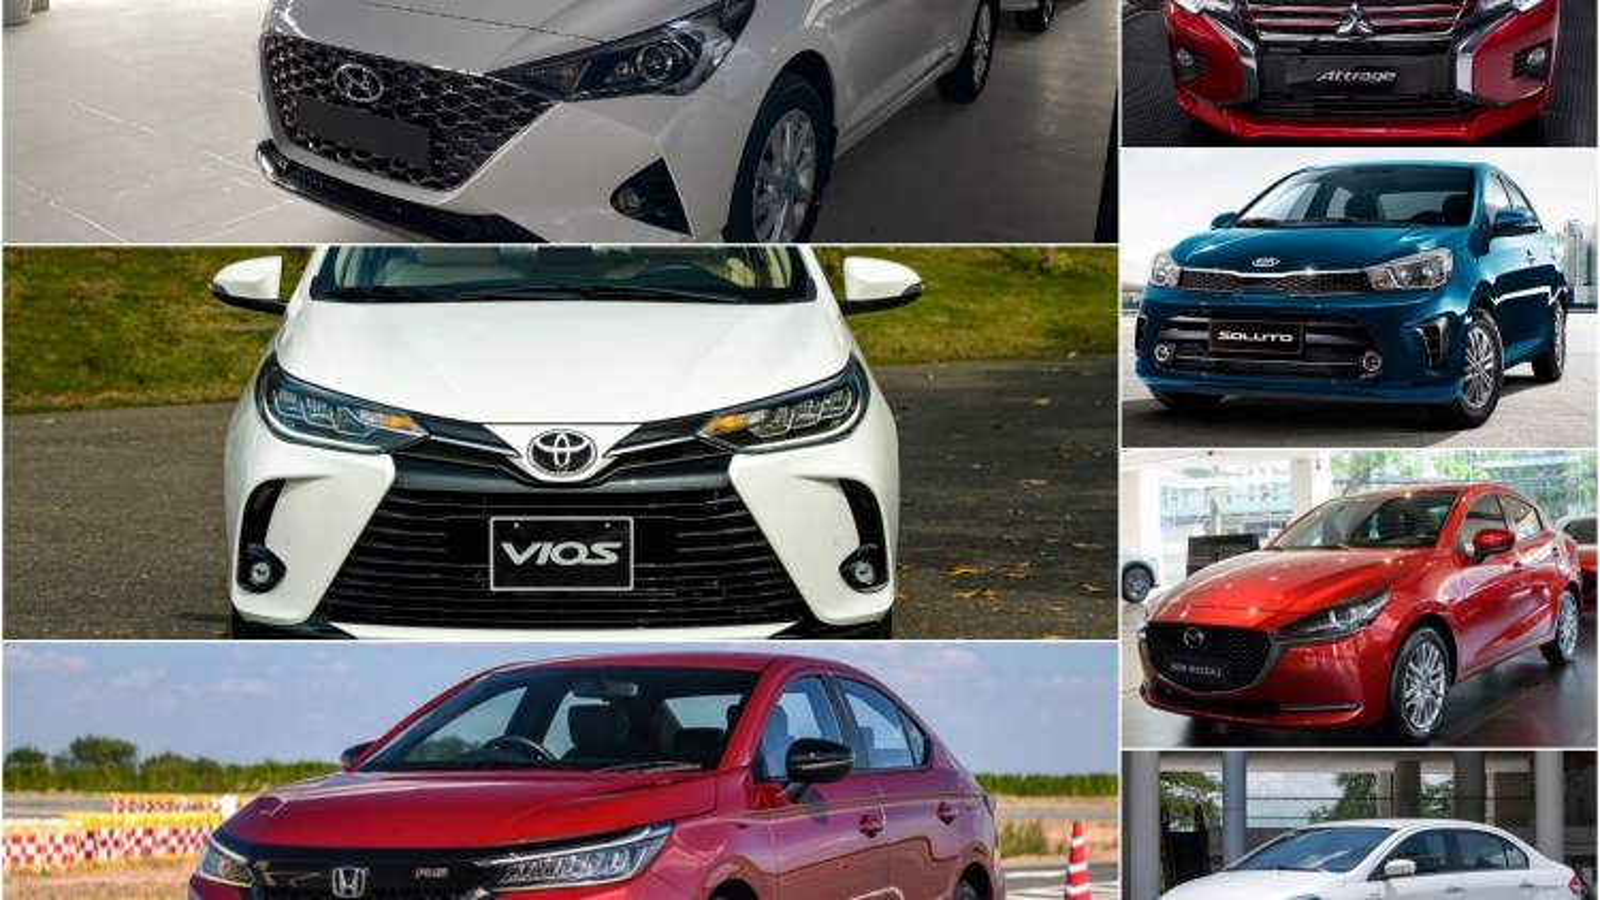 Phân khúc sedan hạng B: Cuộc đua doanh số của Hyundai Accent và Toyota Vios